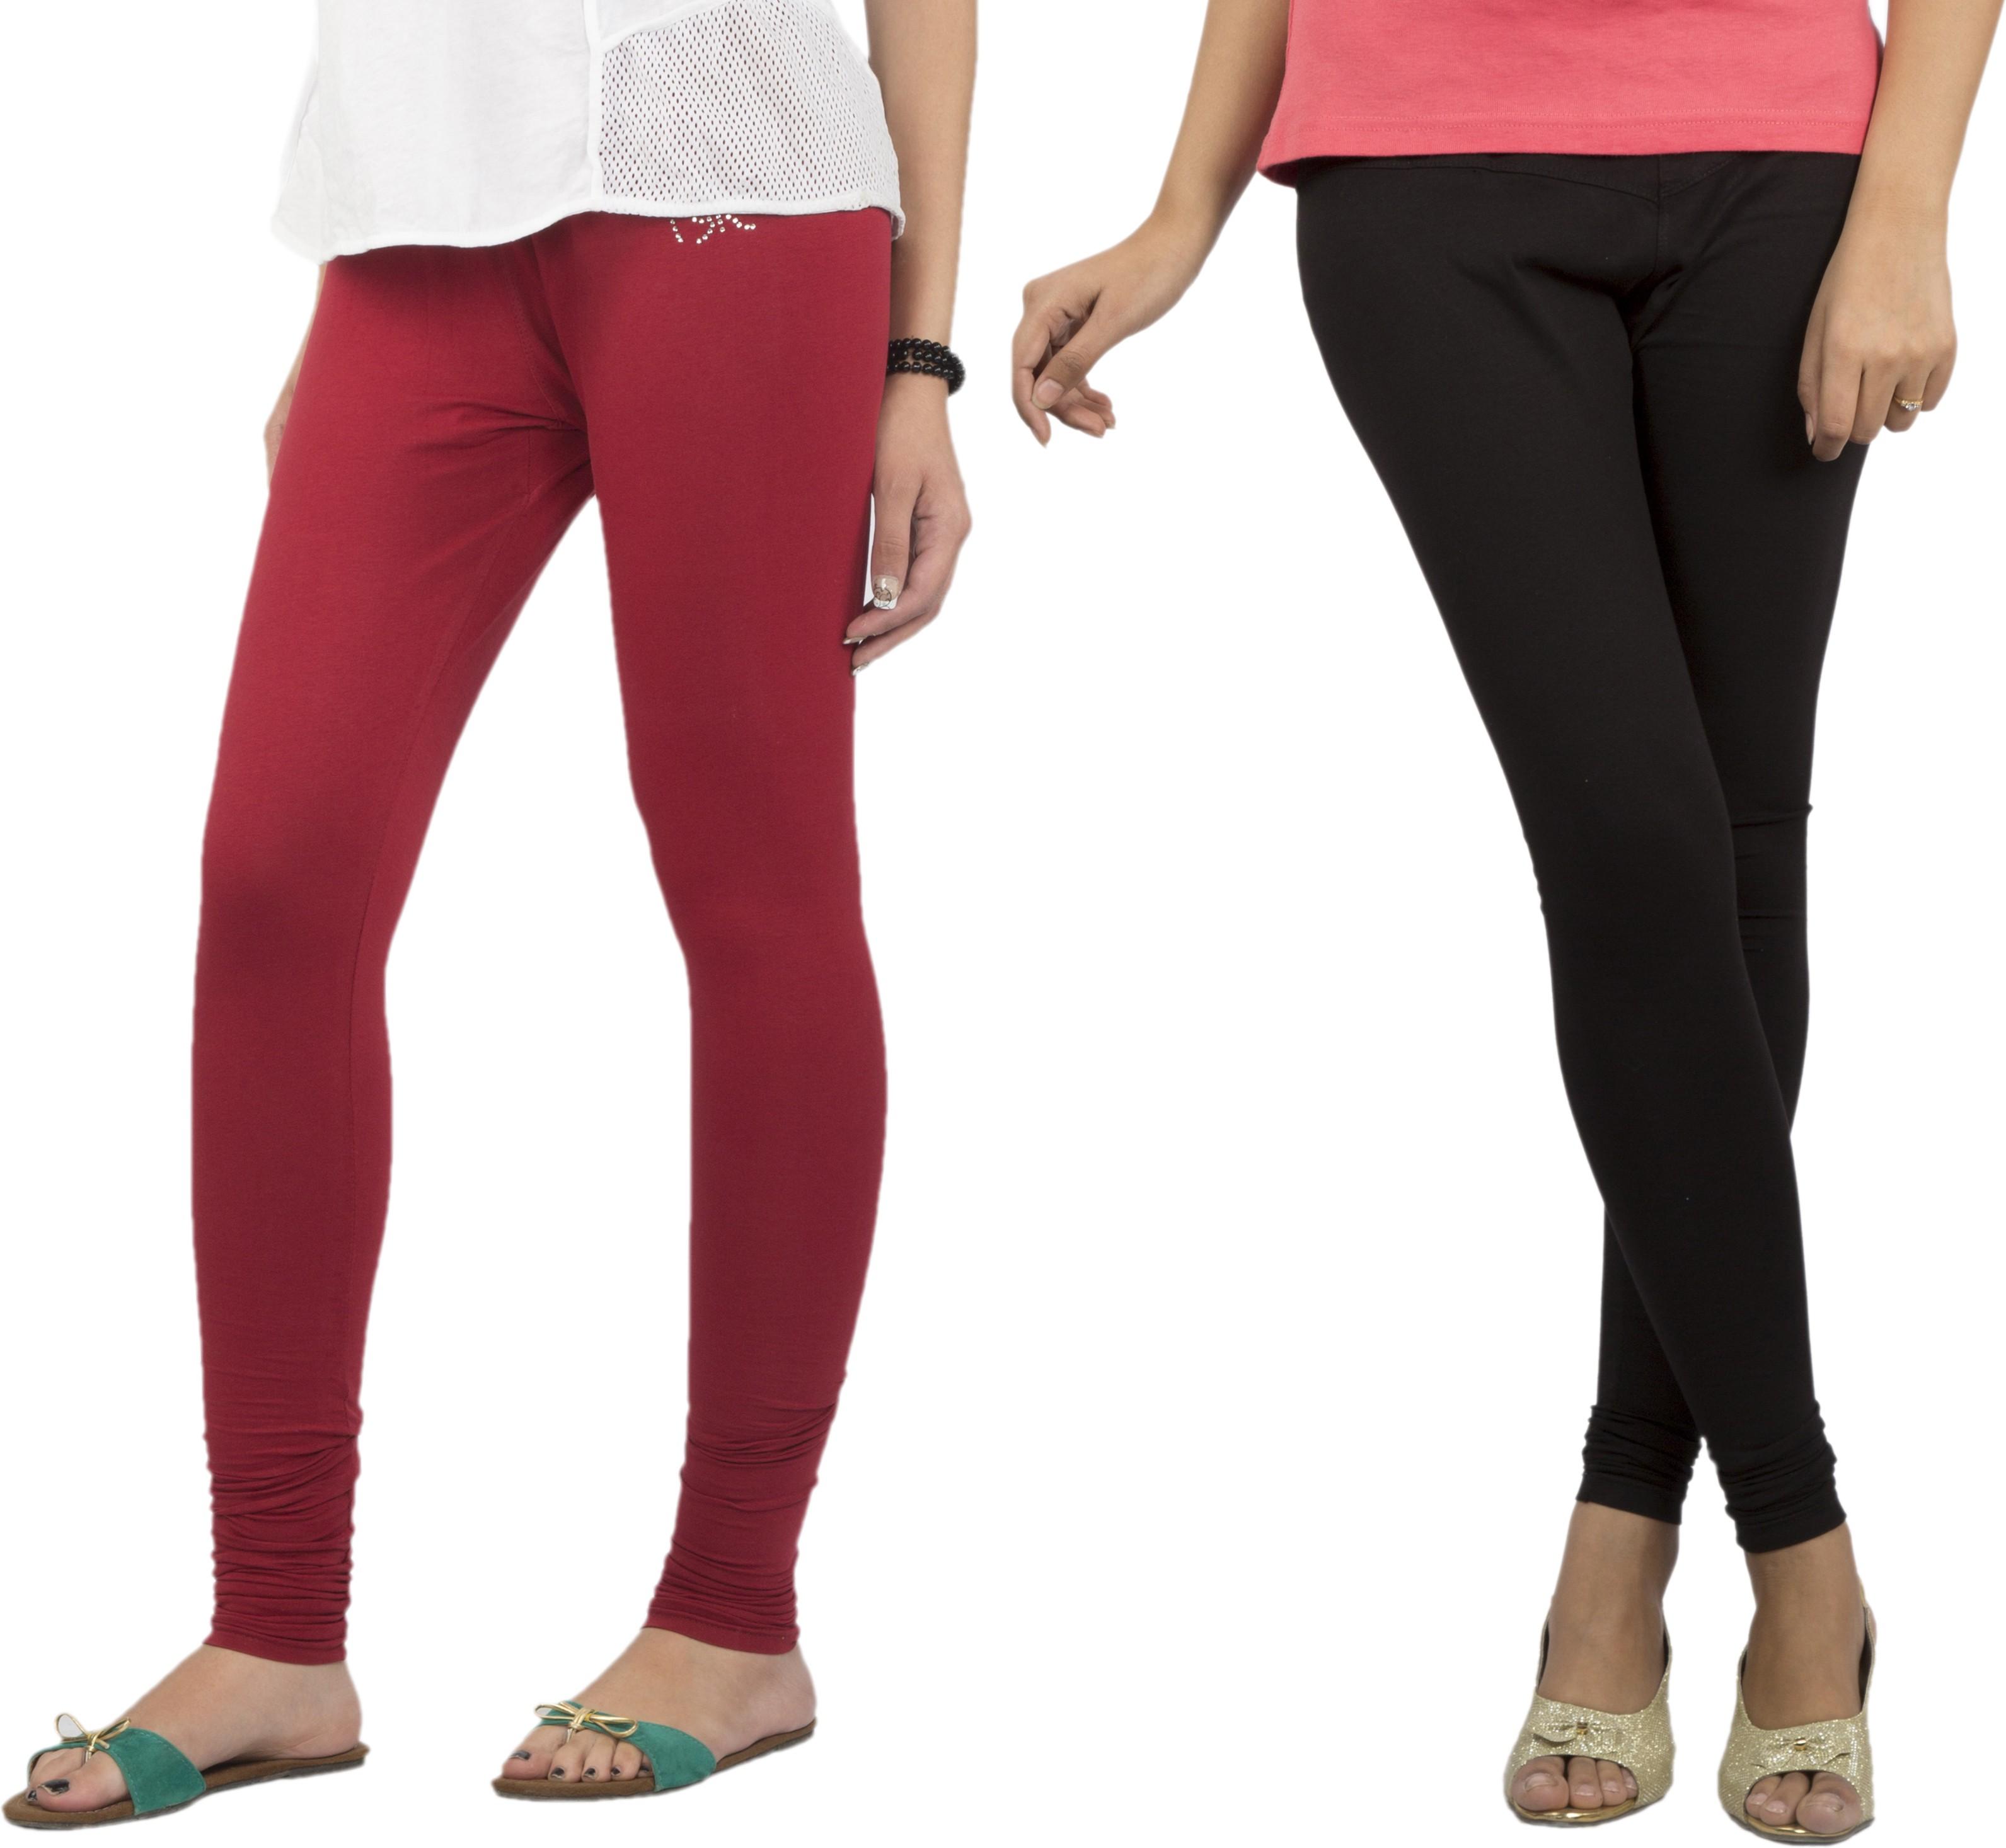 Jublee Womens Black, Maroon Leggings(Pack of 2)